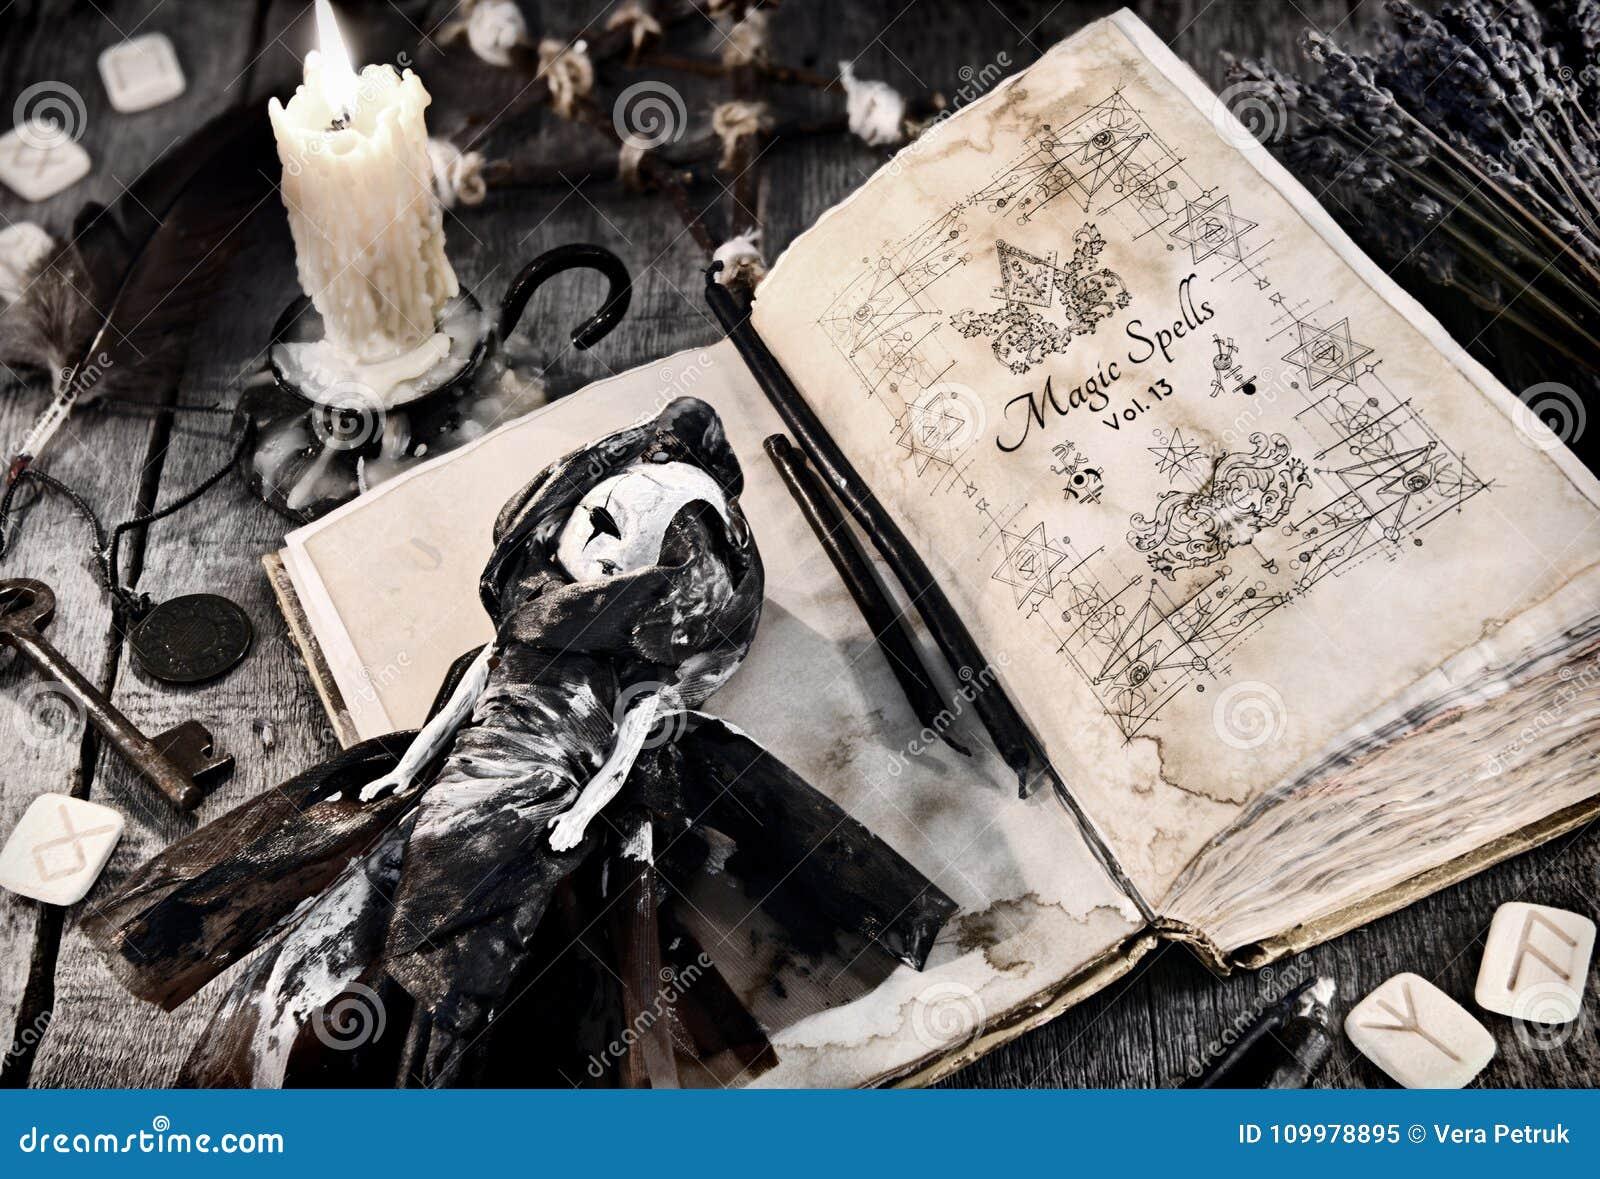 与邪恶的咒语、可怕玩偶、诗歌和灼烧的蜡烛的旧书在板条